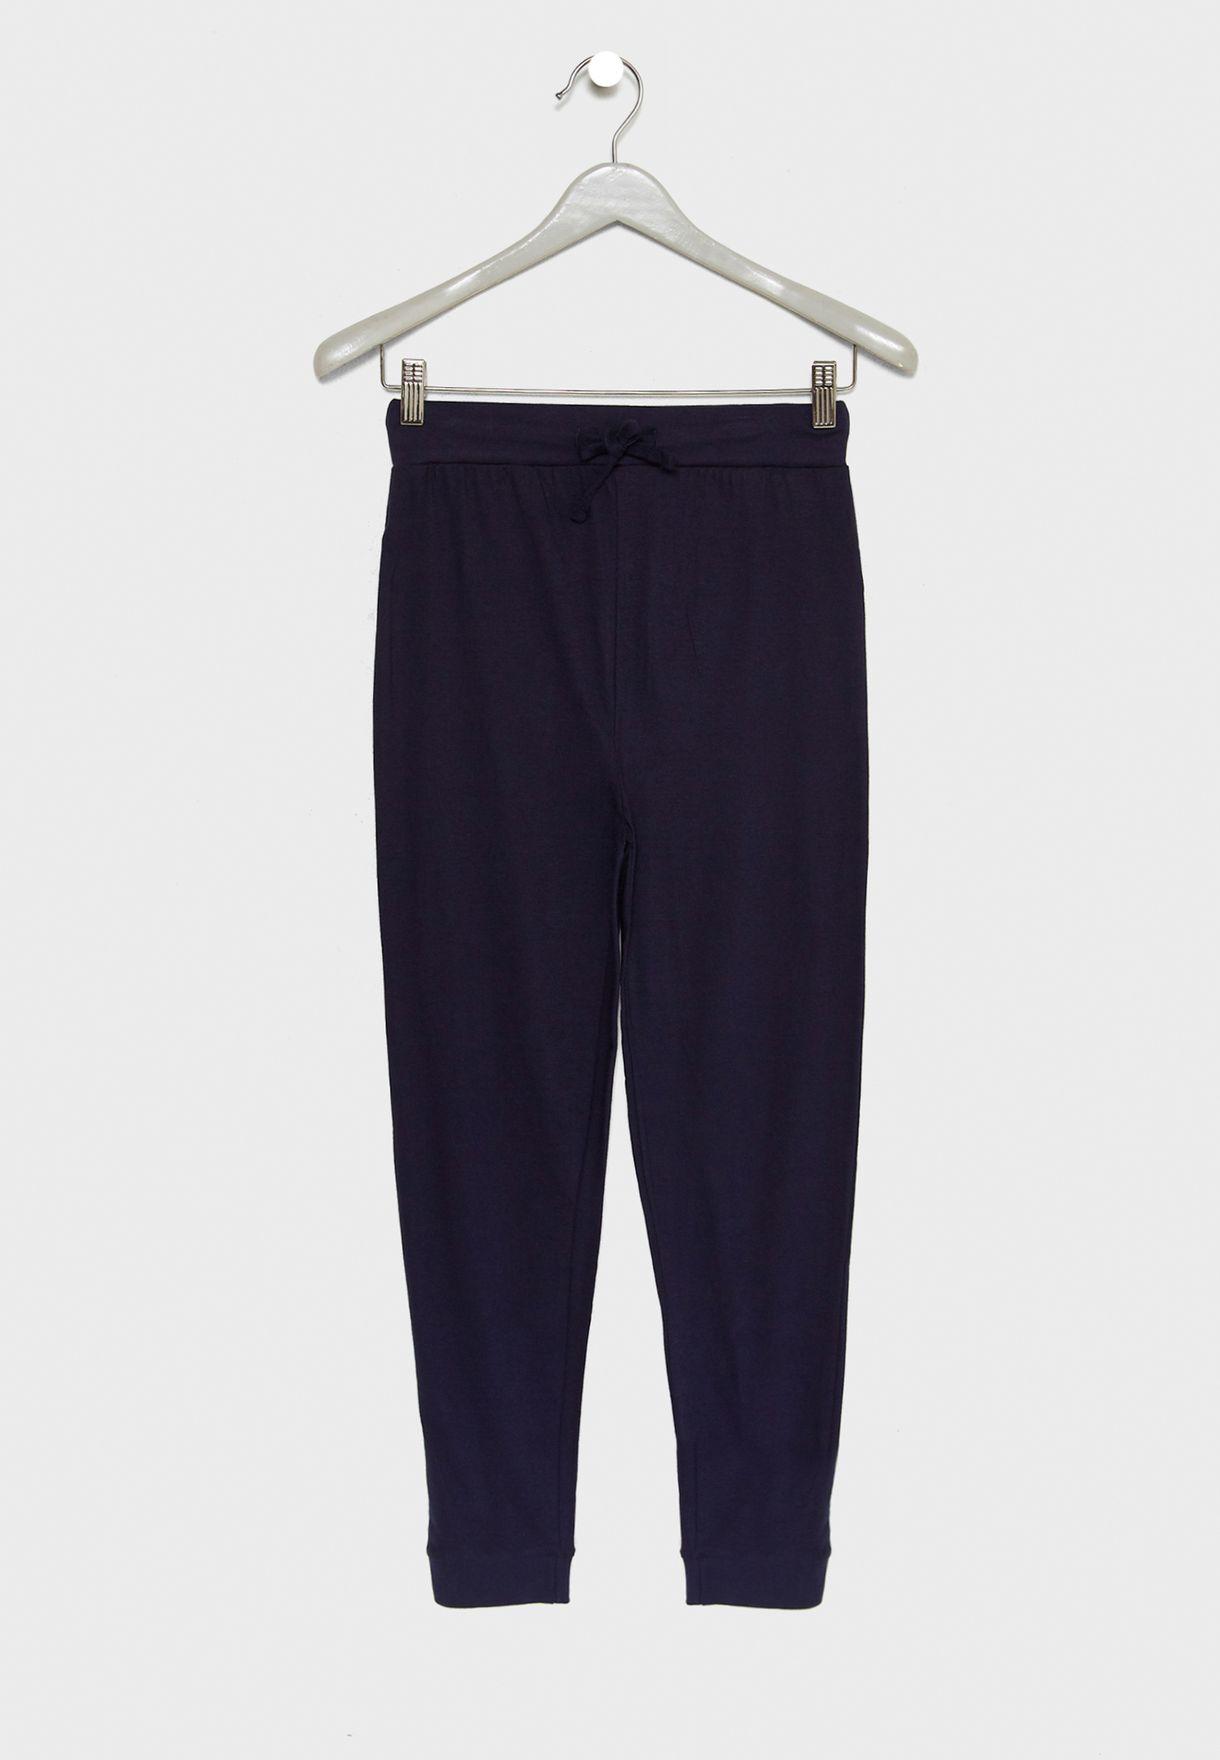 Teen Top + Pyjamas Set